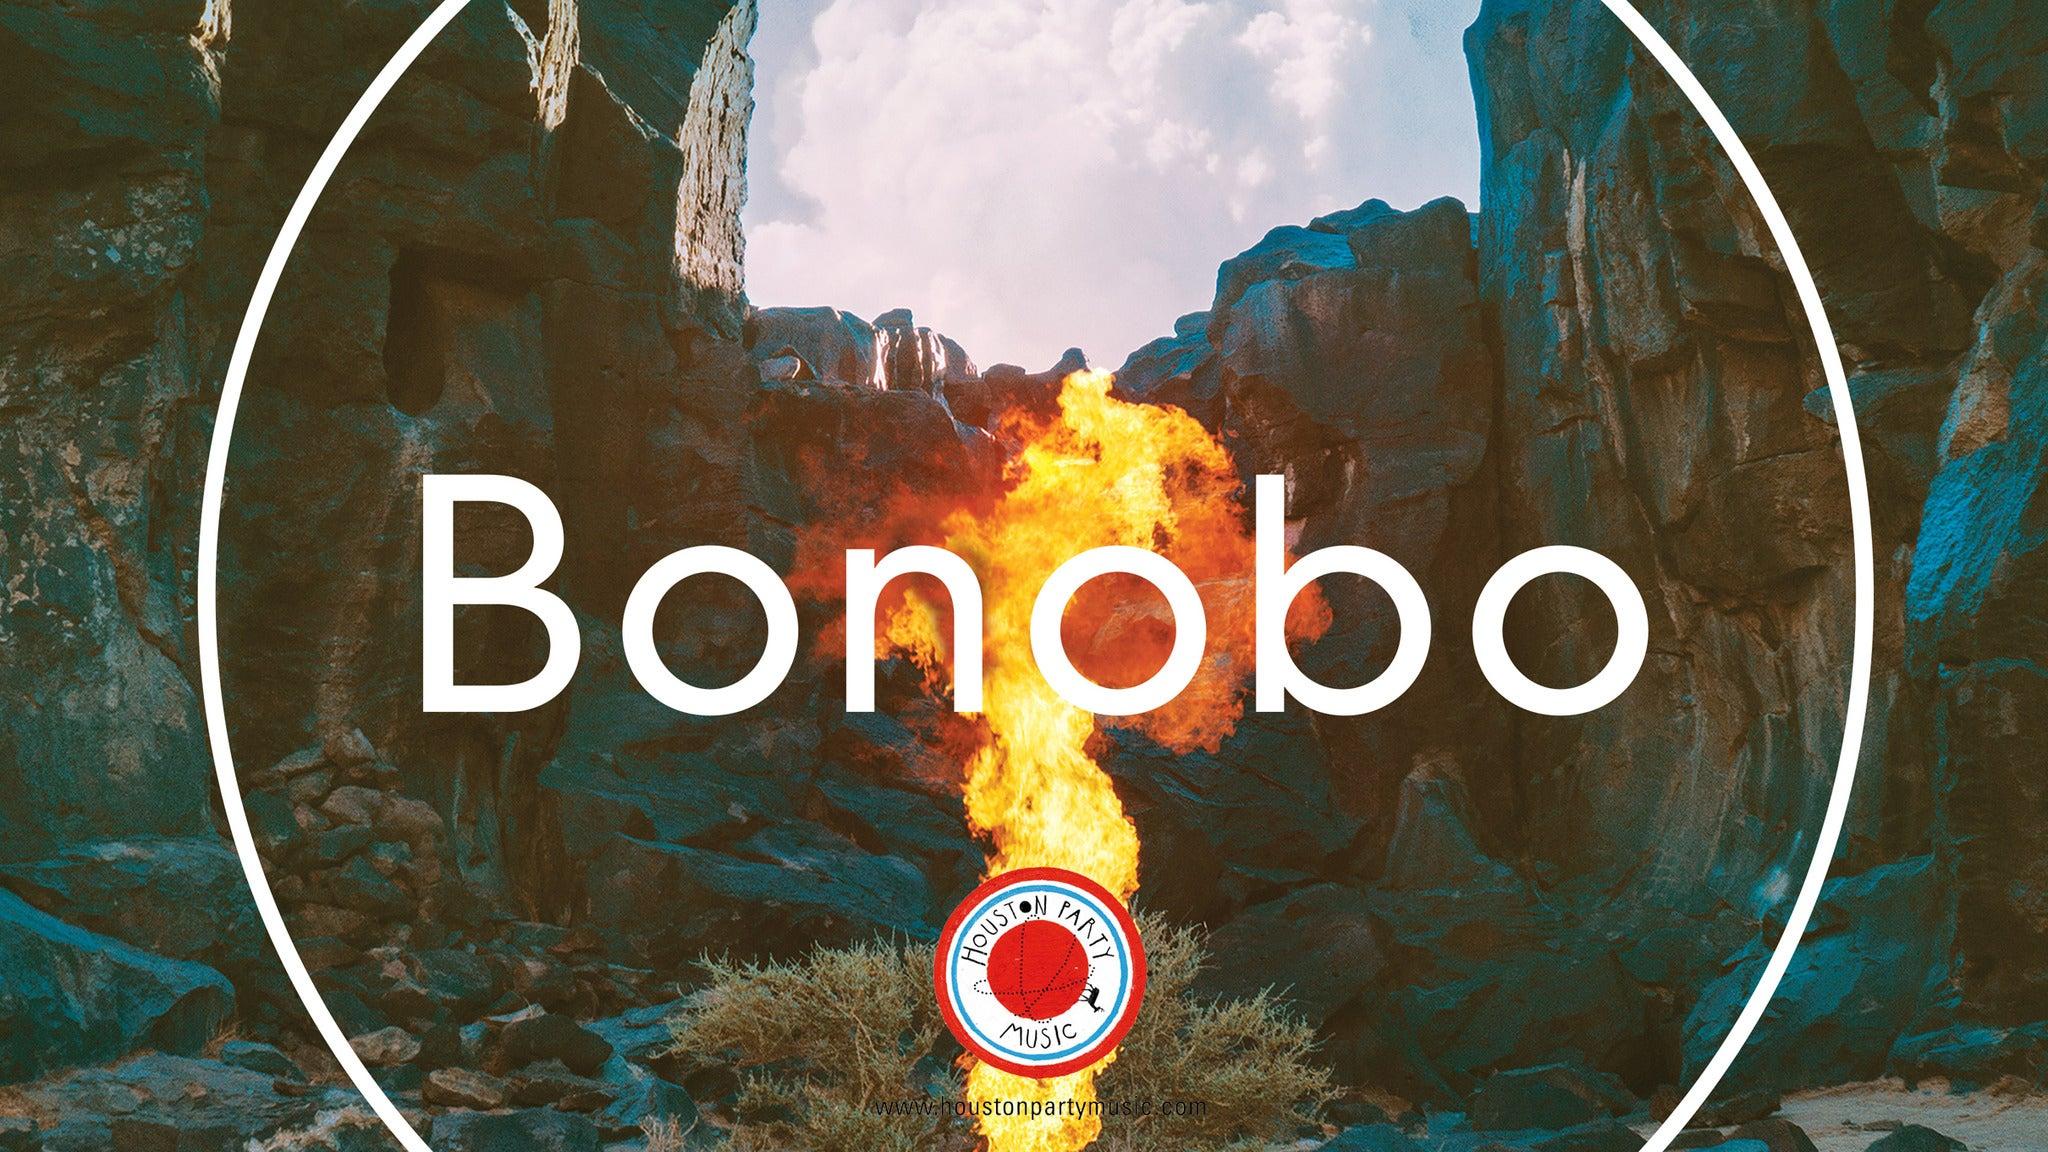 Bonobo (Live) at The Van Buren